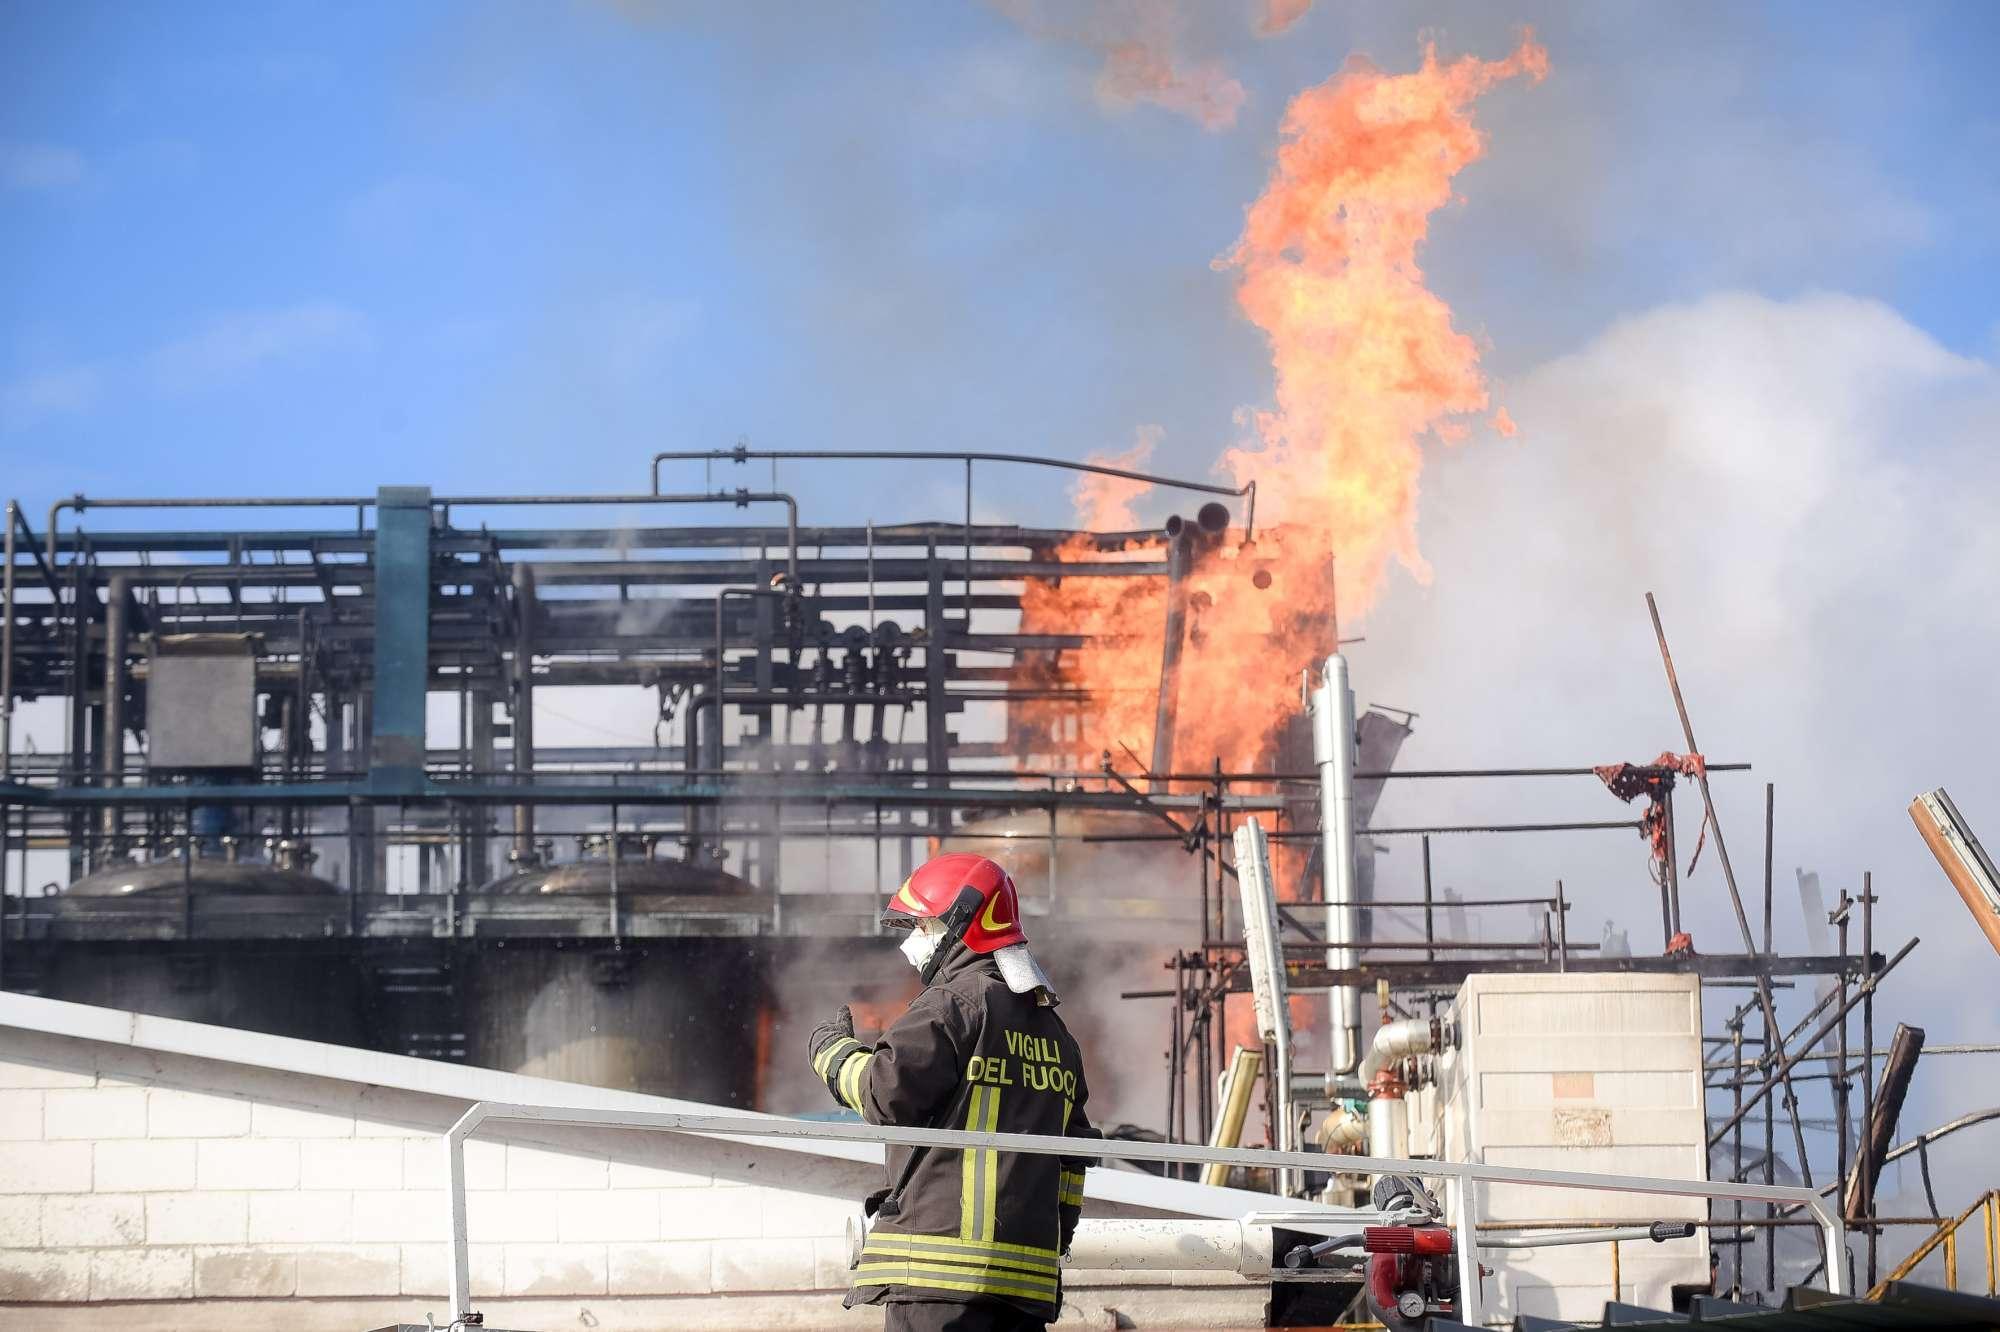 Como, esplosione in azienda rifiuti: fiamme e nuvola di fumo